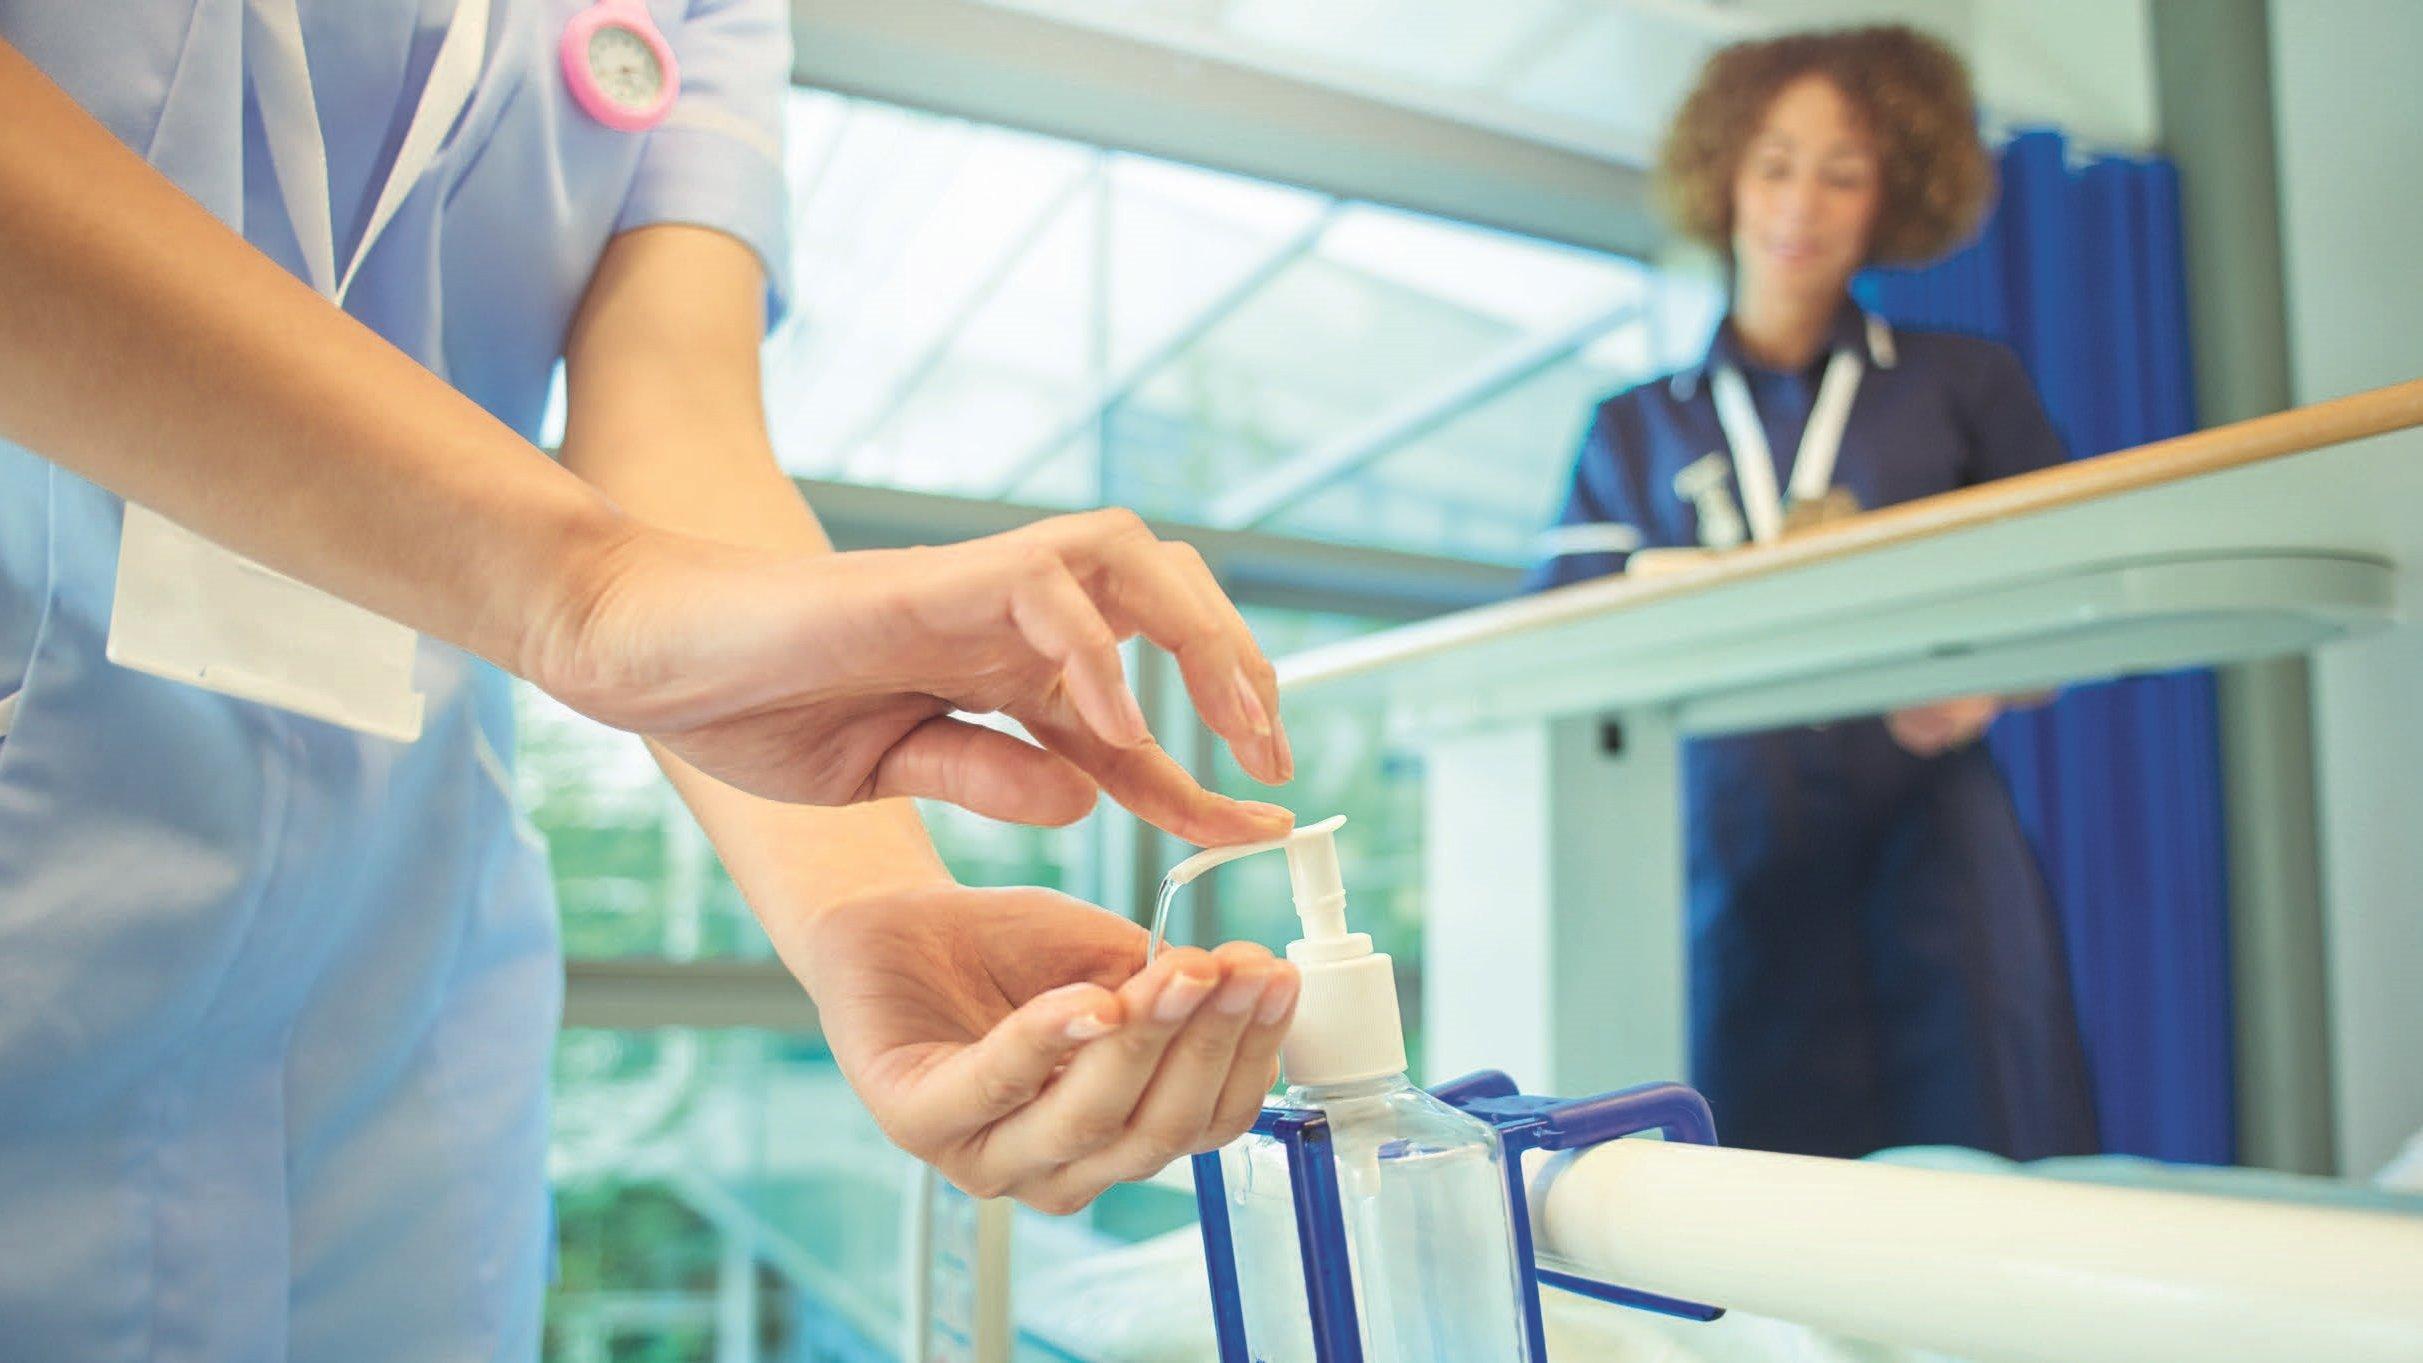 Weniger administrative Arbeit für das Hygienepersonal